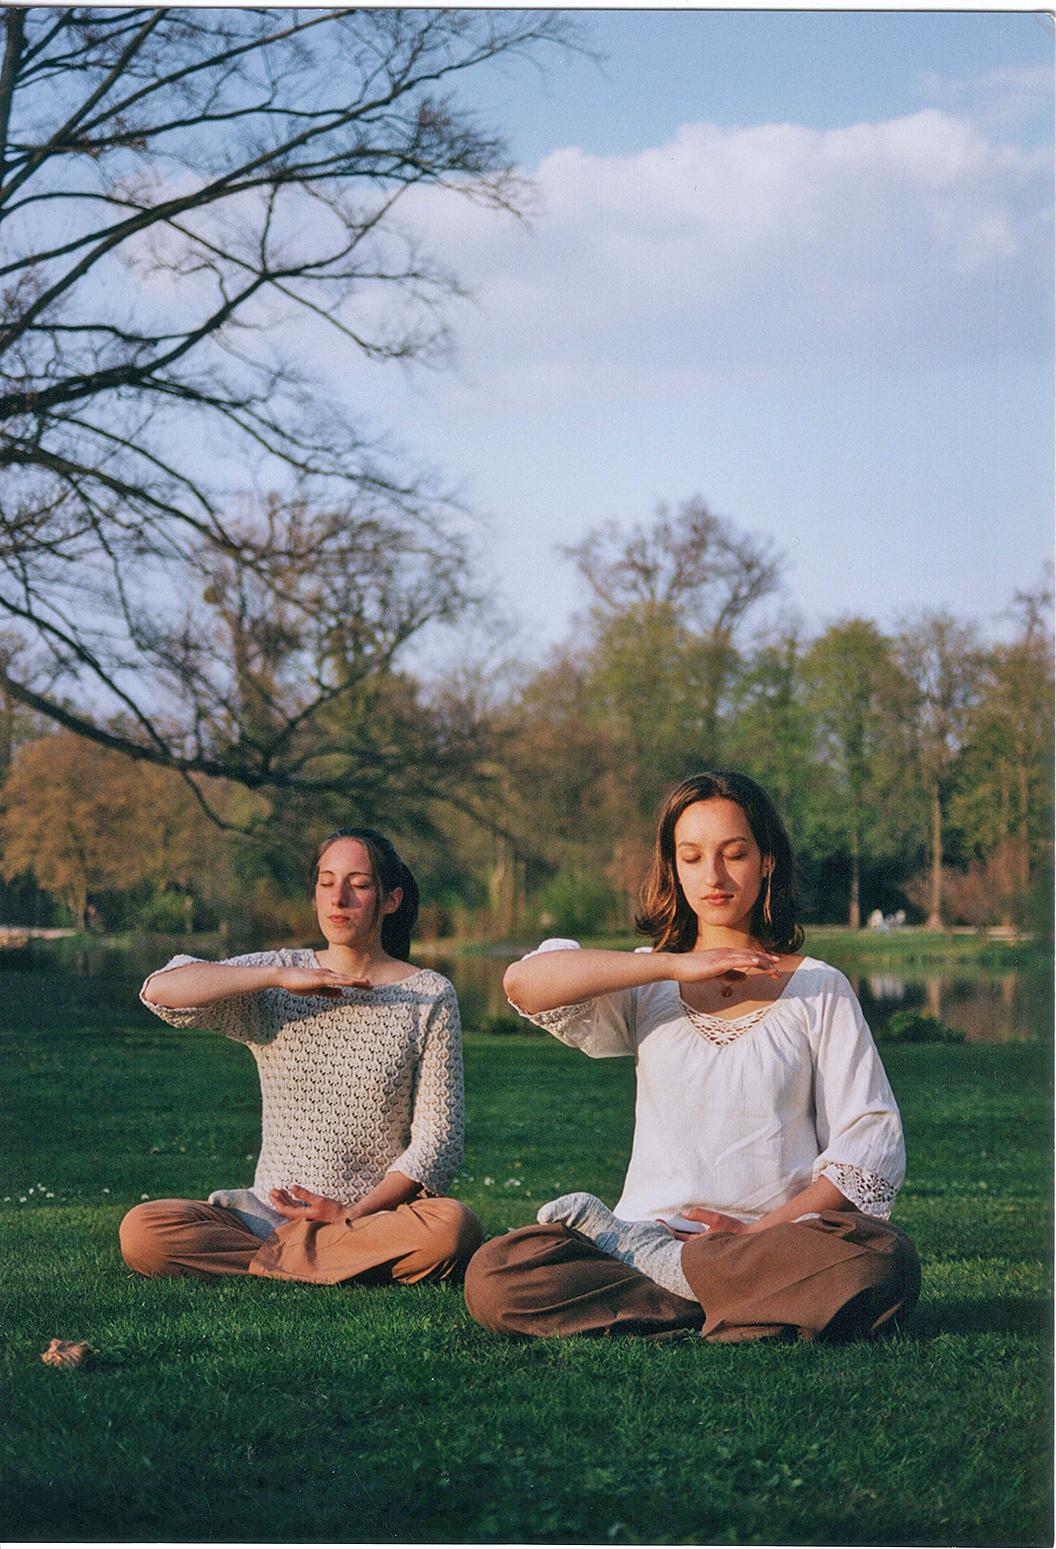 氣功修煉與精神的提升,確會對人體產生正面的影響。(明慧網)